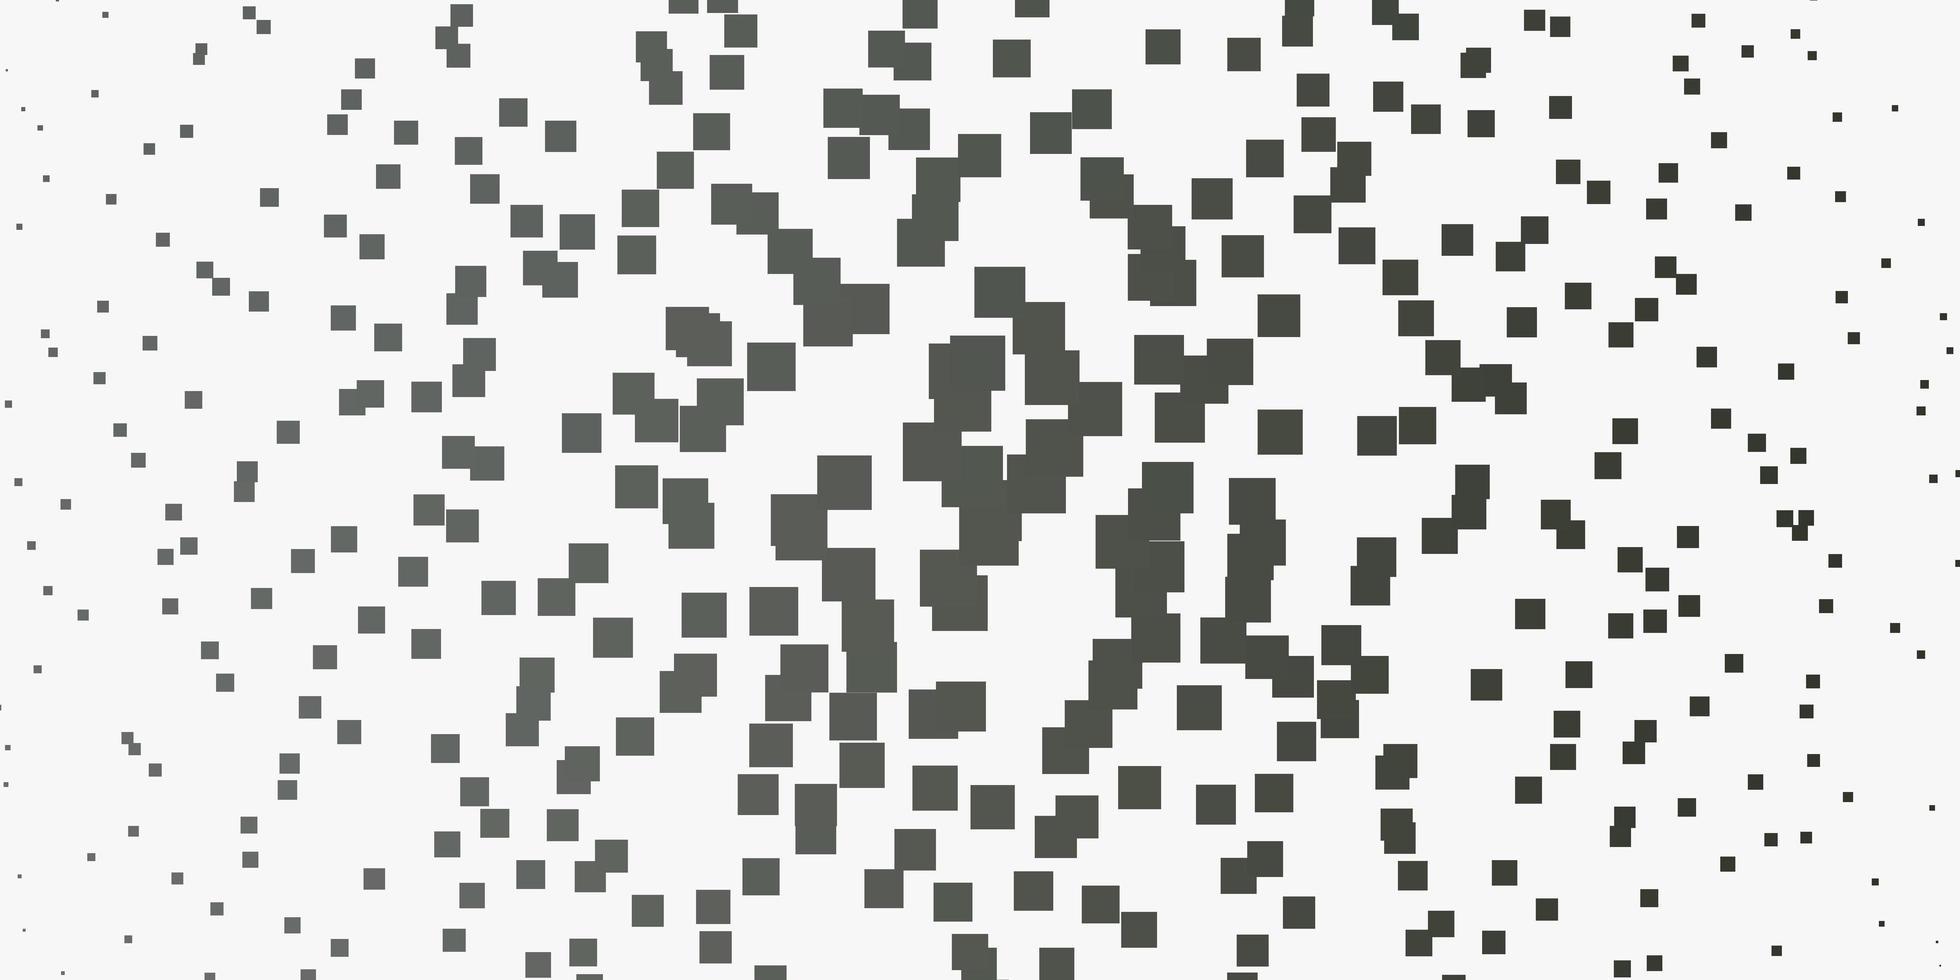 graues Layout mit Linien, Rechtecken. vektor